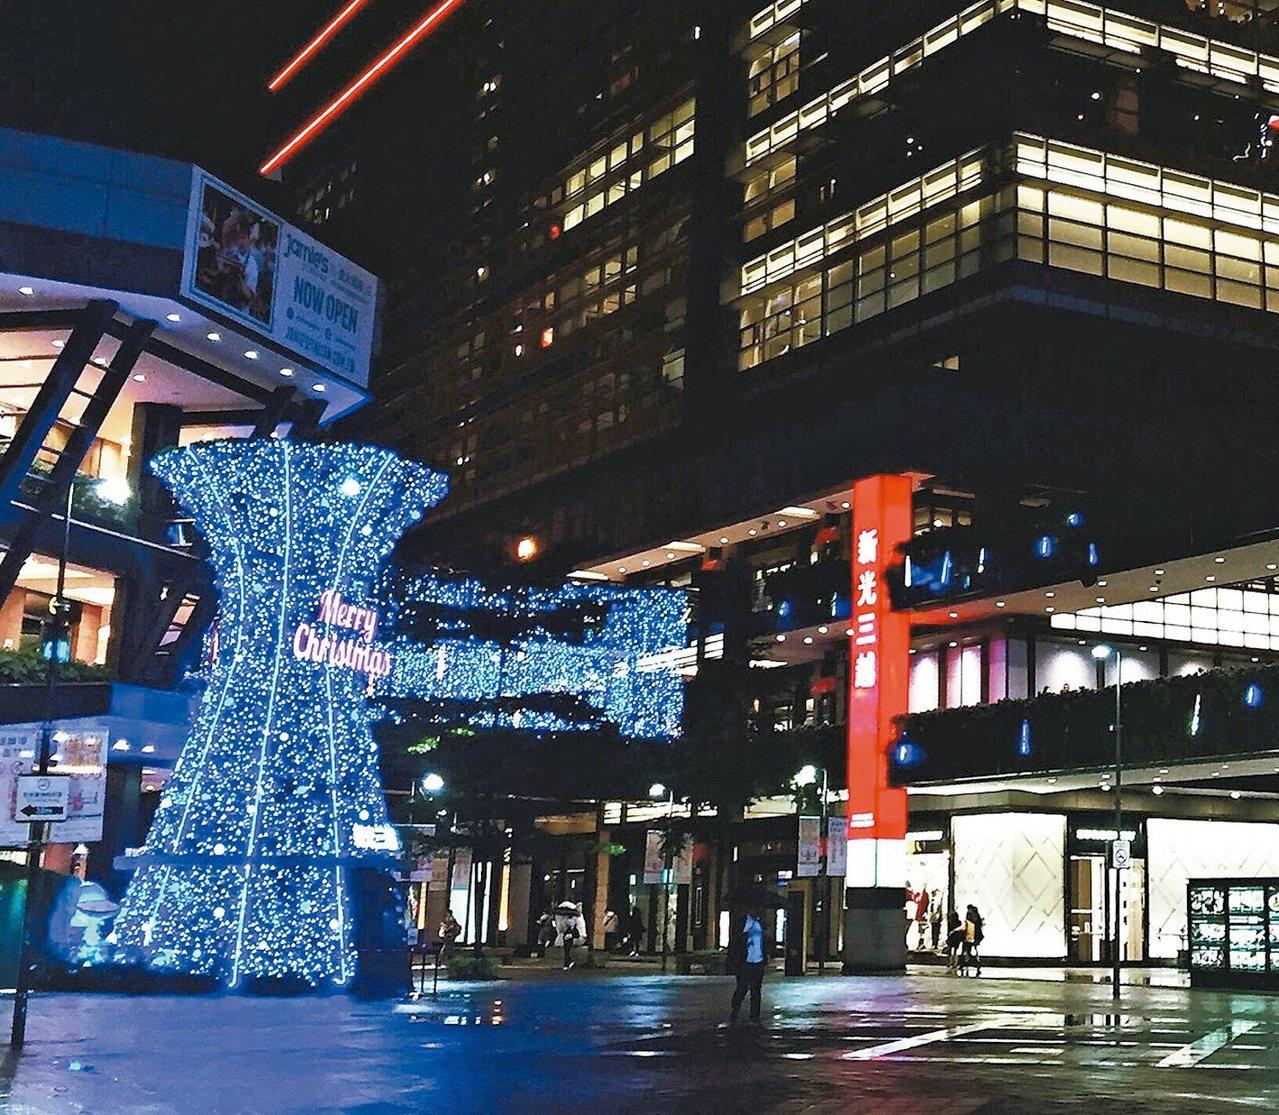 台北信義新天地全球獨家打造潘朵拉星球耶誕樹。 圖/新光三越提供